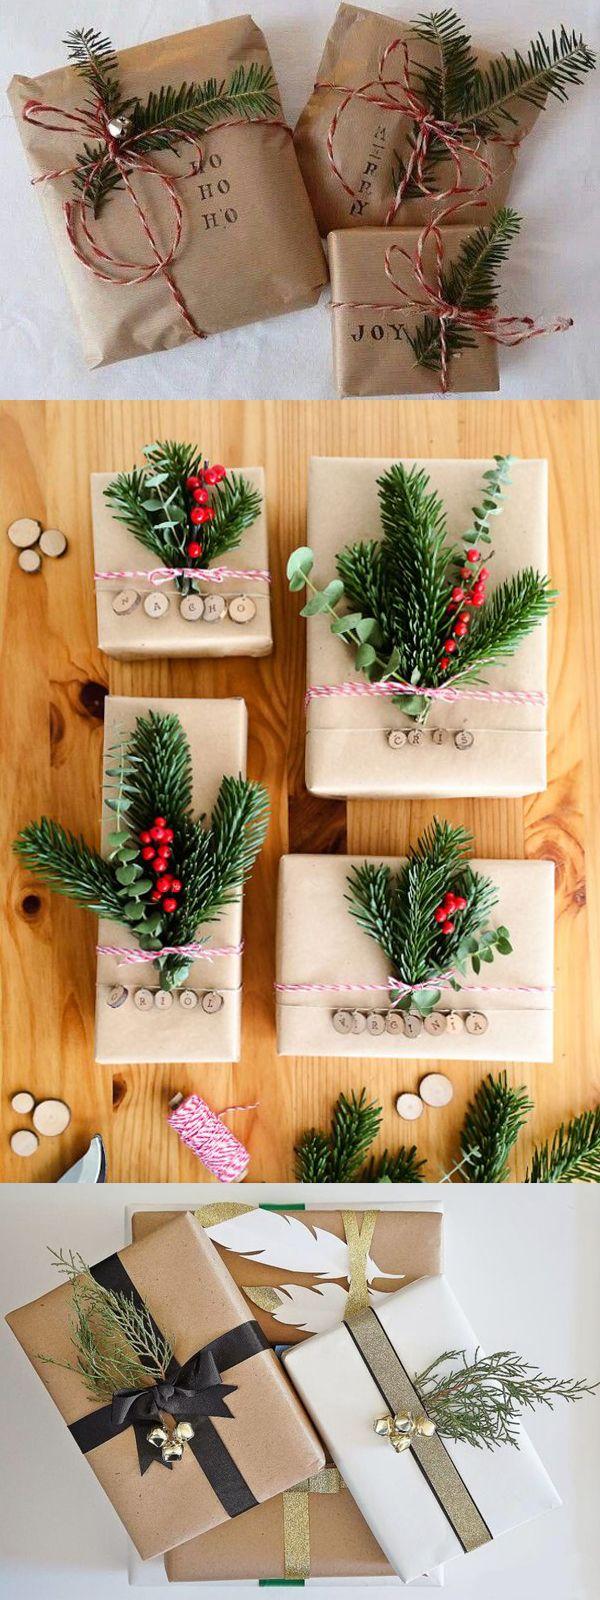 20 best regalos de navidad originales images on pinterest - Como envolver regalos de navidad originales ...